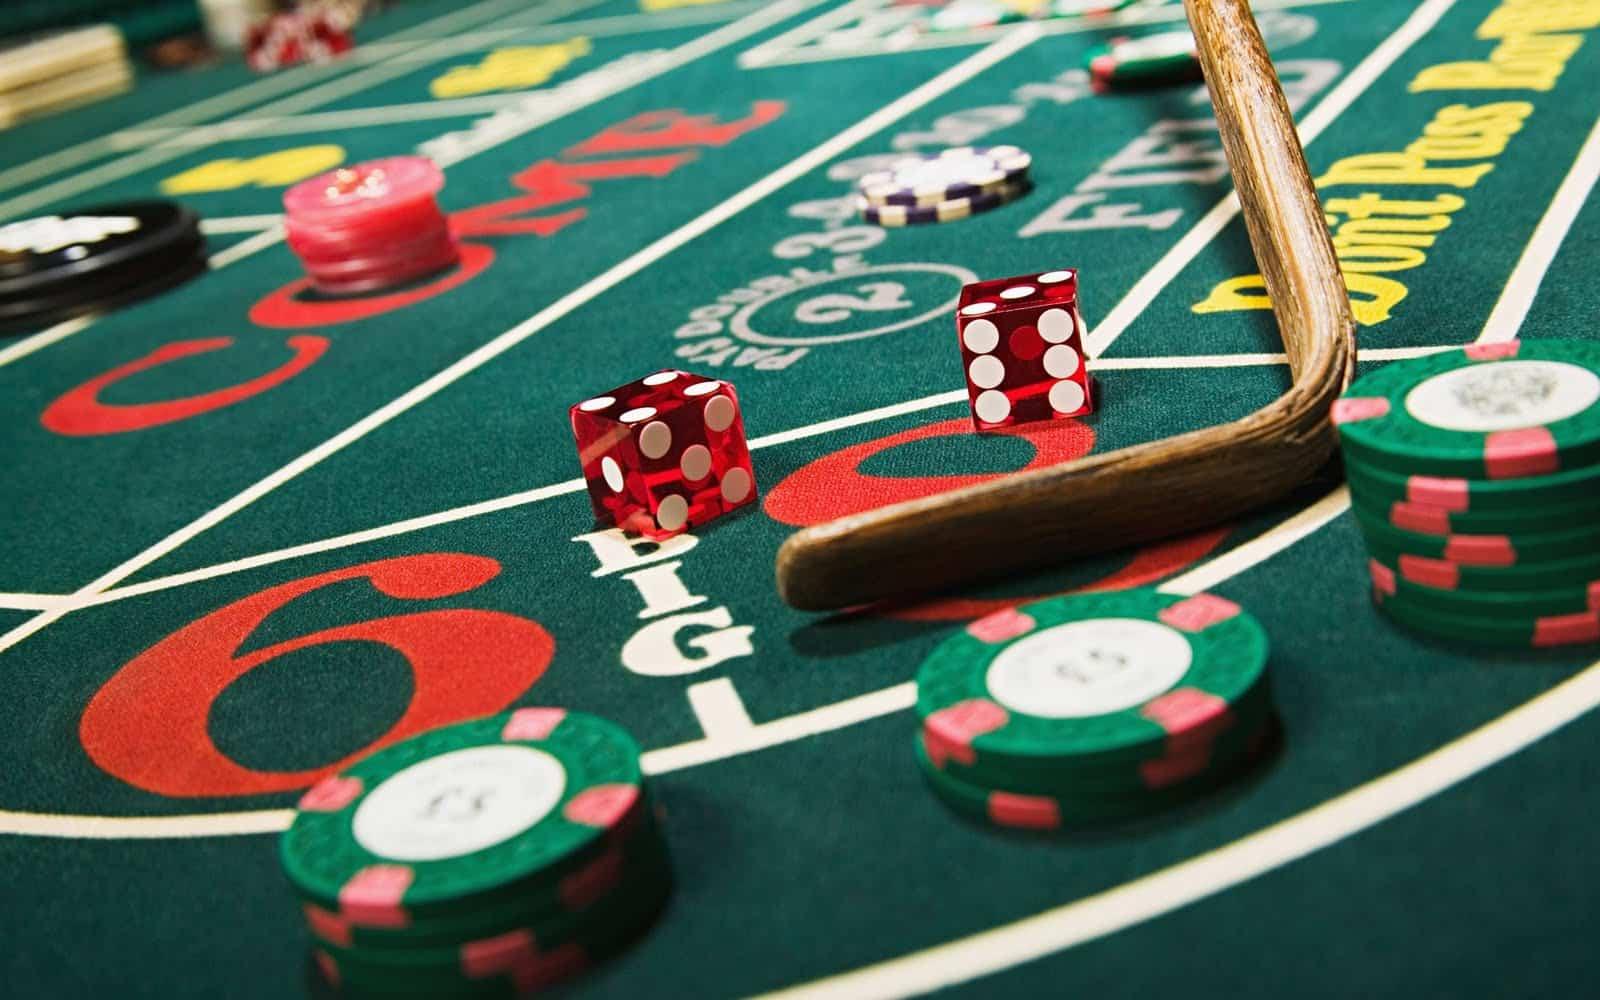 Casino en ligne, parce que j'adore la roulette